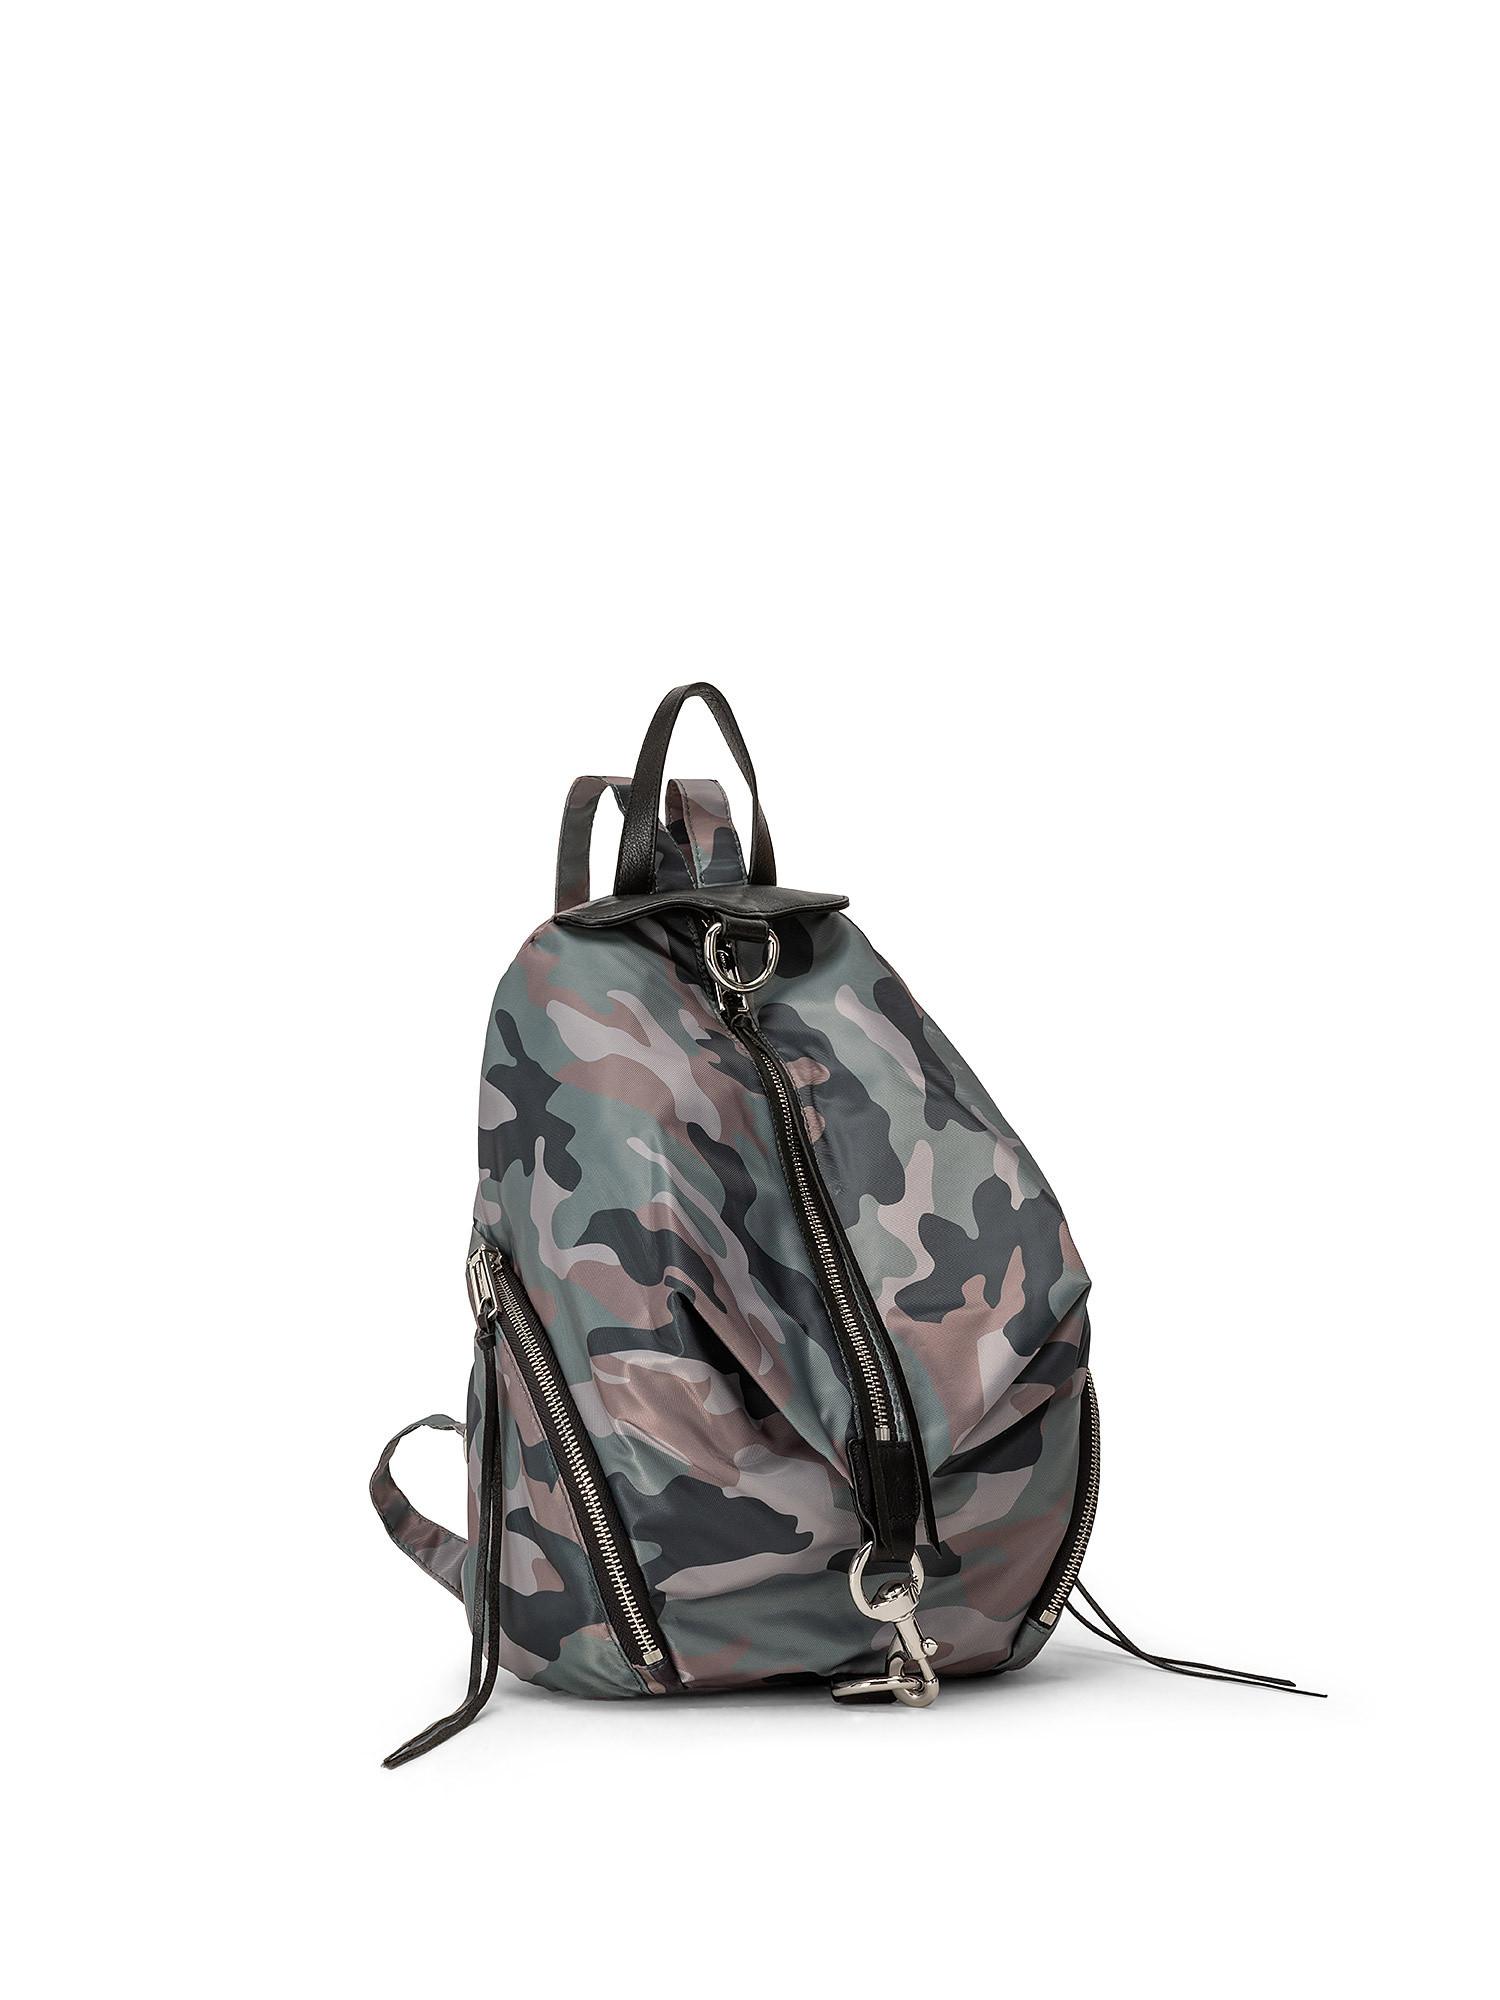 Julian Nylon Backpack, Verde, large image number 1